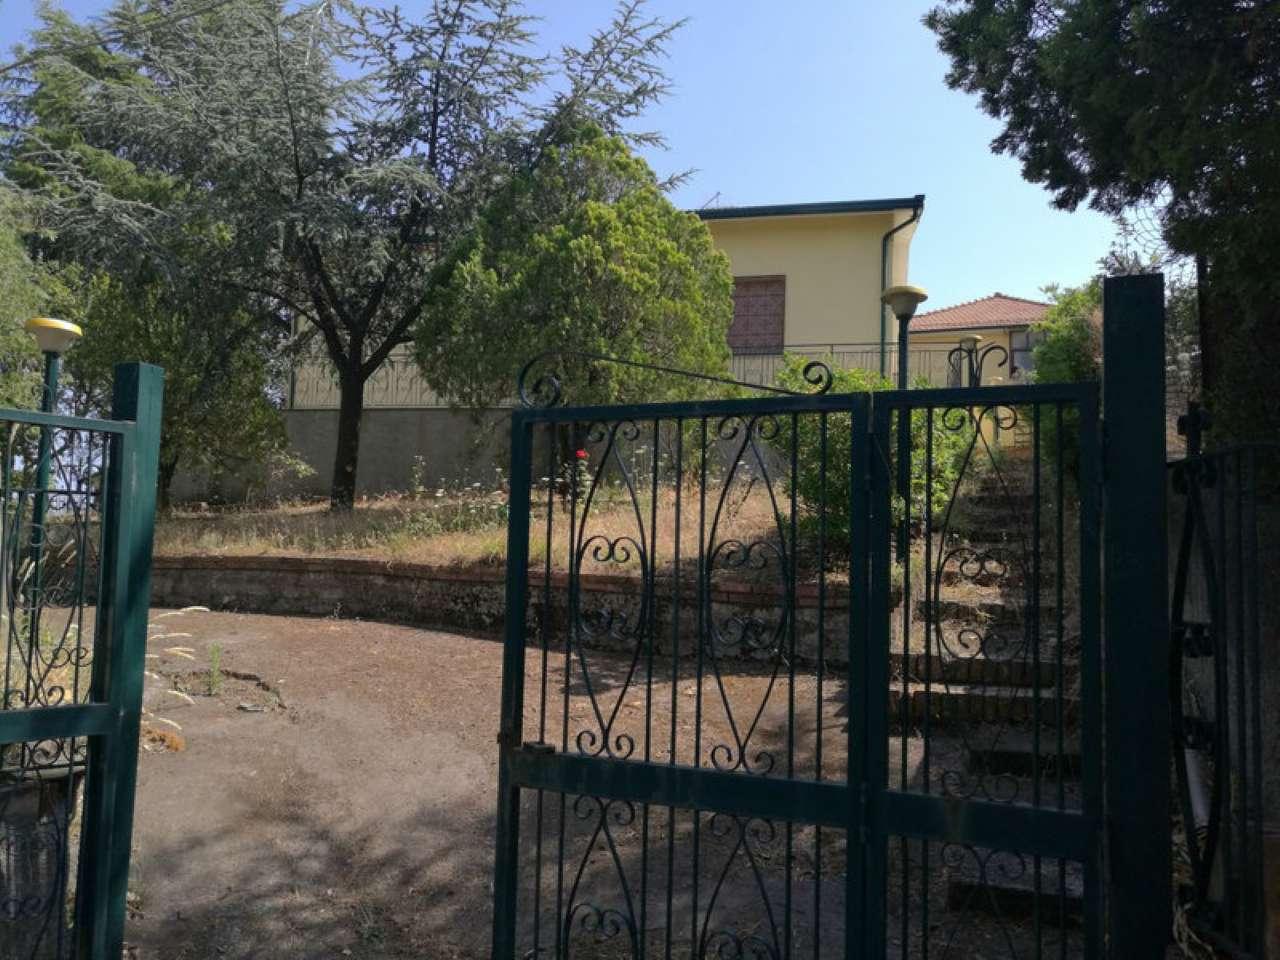 Villa in vendita a Pedara, 9999 locali, prezzo € 180.000 | CambioCasa.it